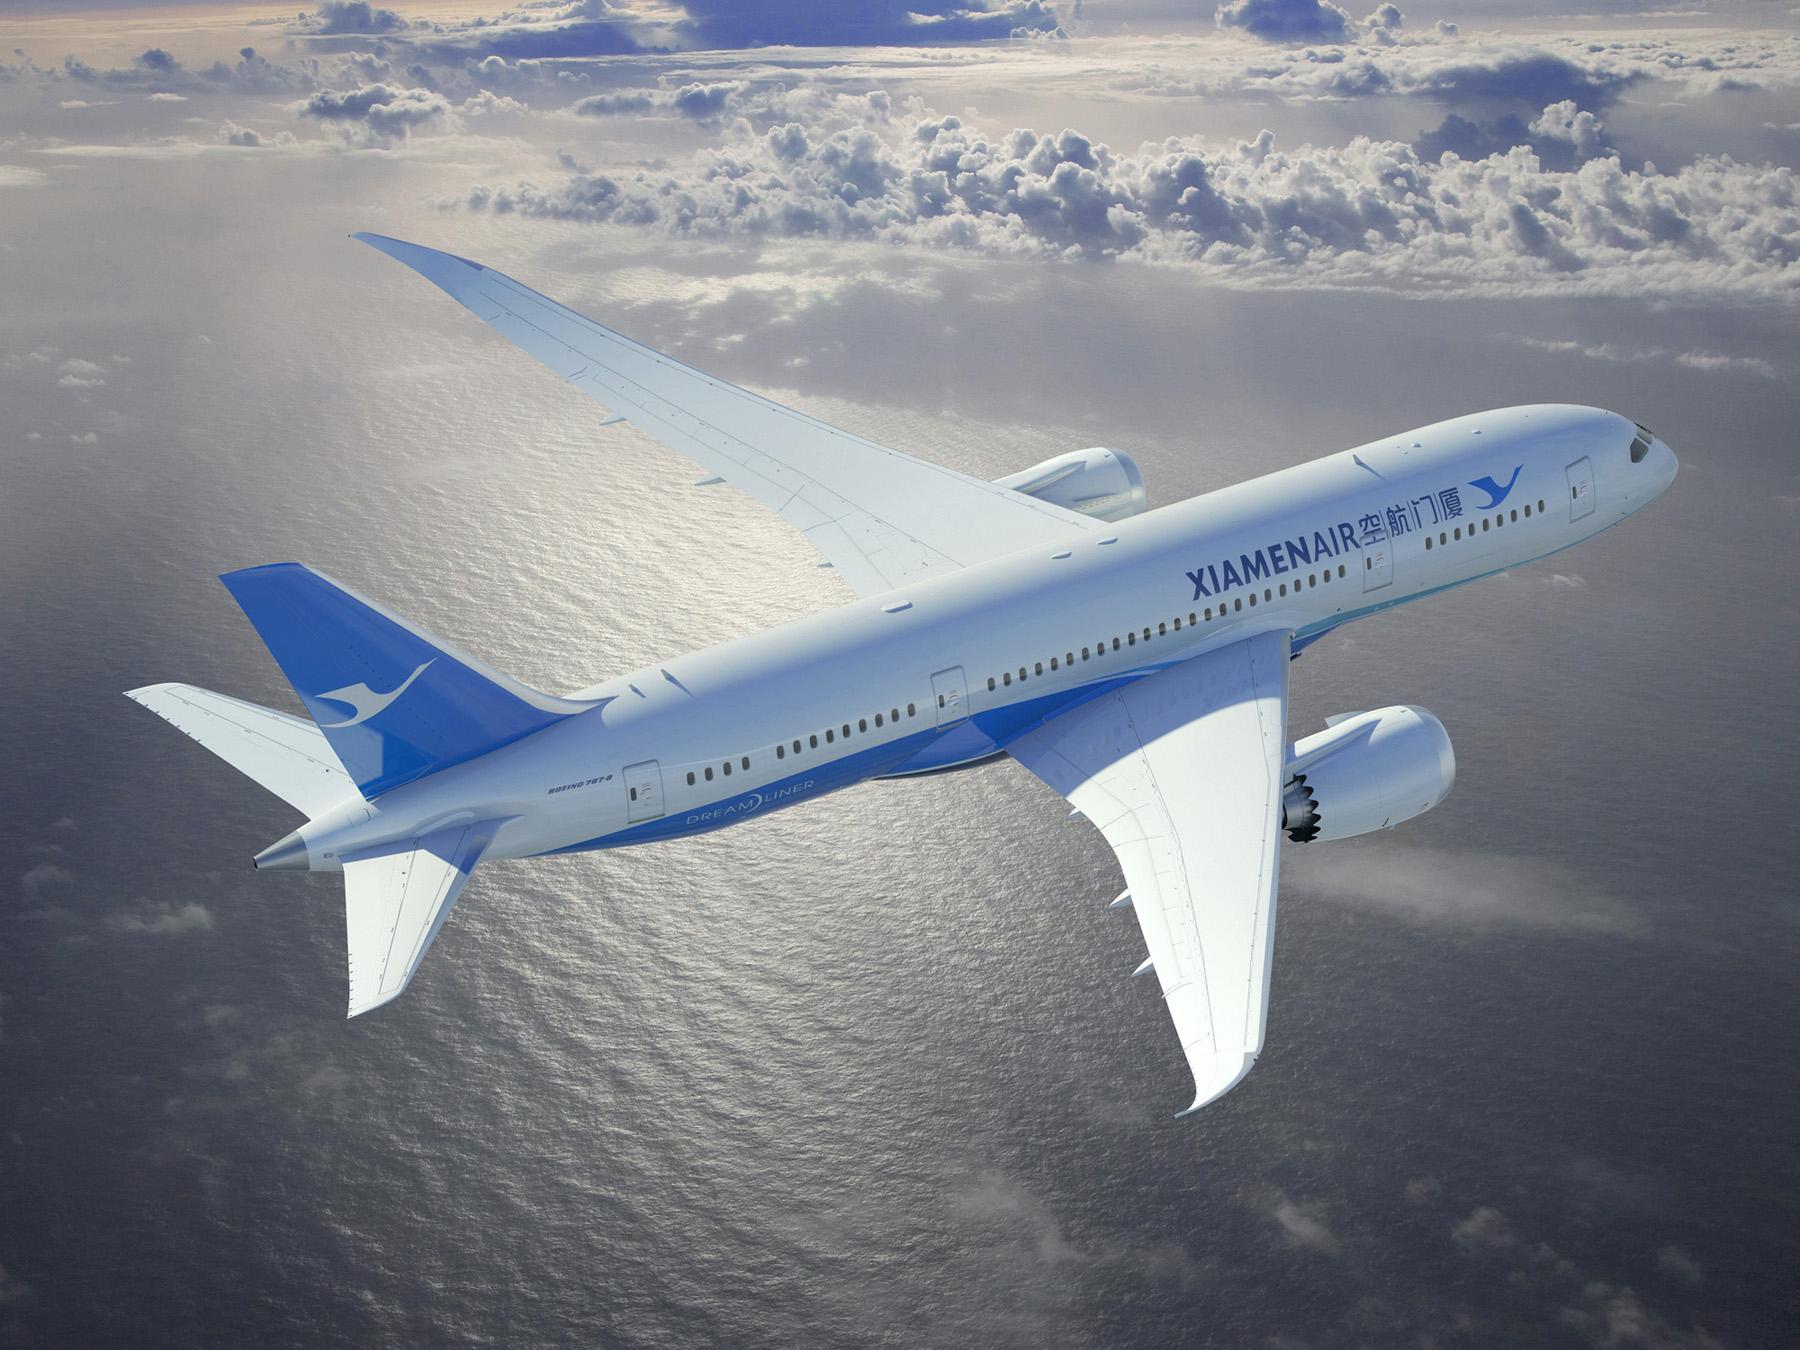 新南威尔士州与厦门航空签署备忘录